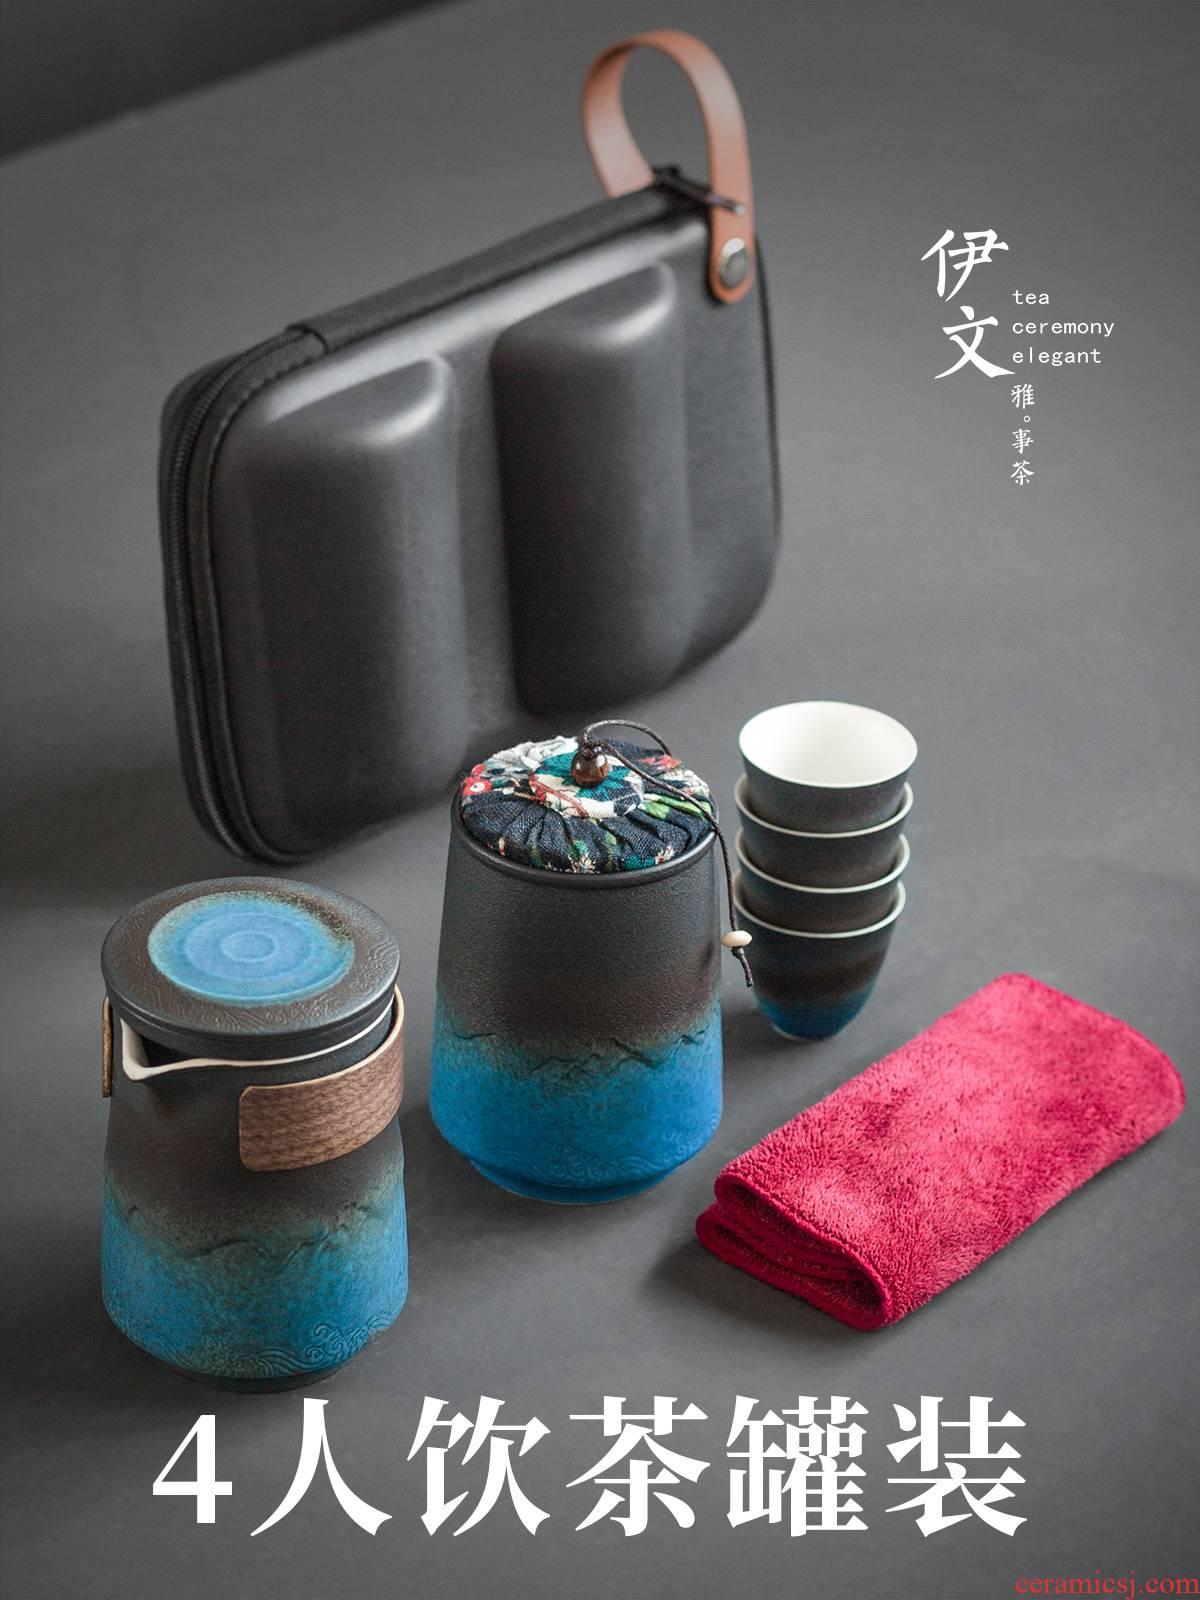 Evan ceramic portable crack cup travel kung fu tea set four cups, ceramic tea pot a pot of tea POTS